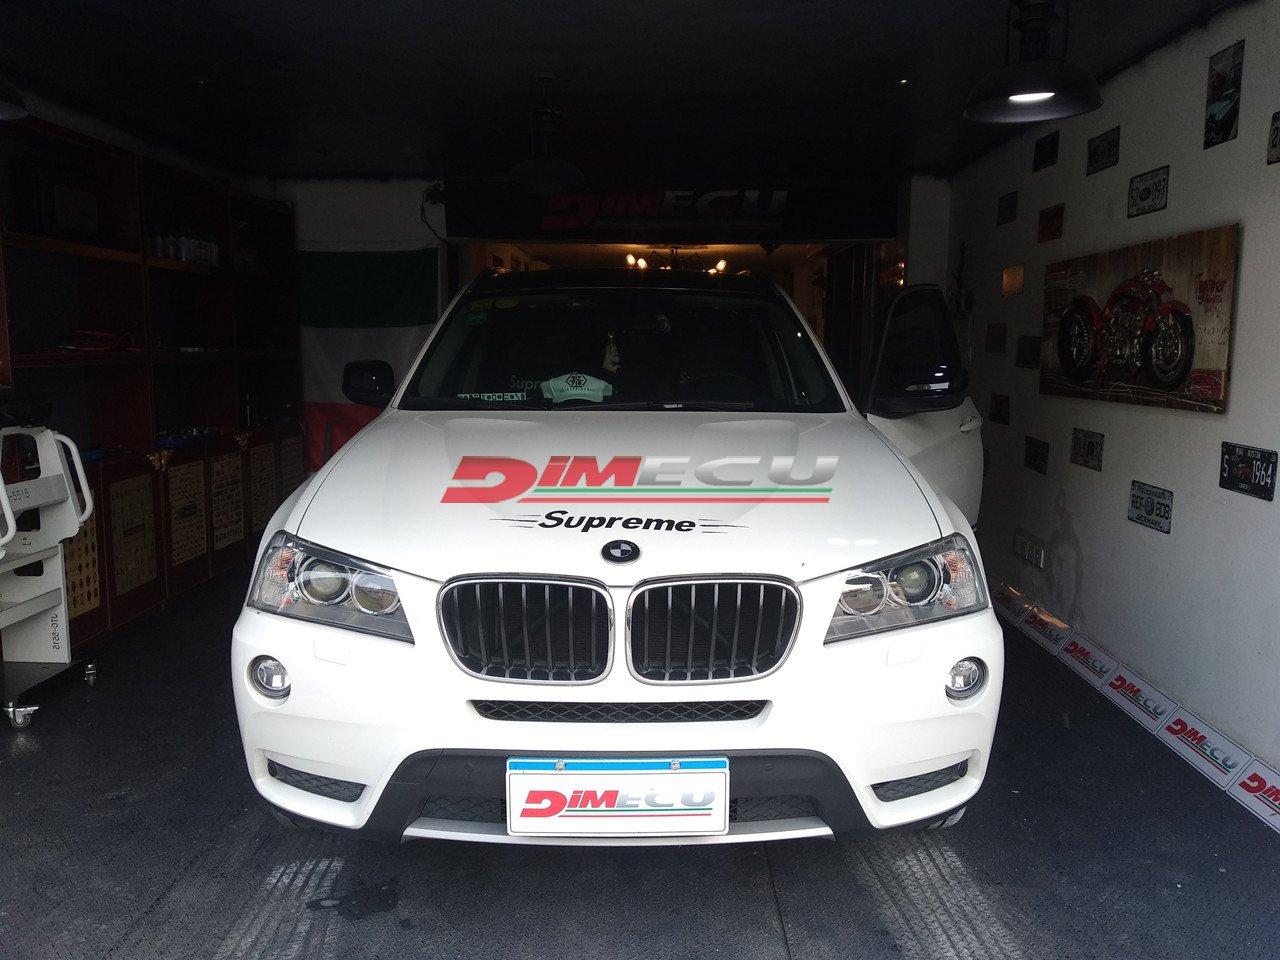 BMWx3 刷写Dimecu 一对一特调程